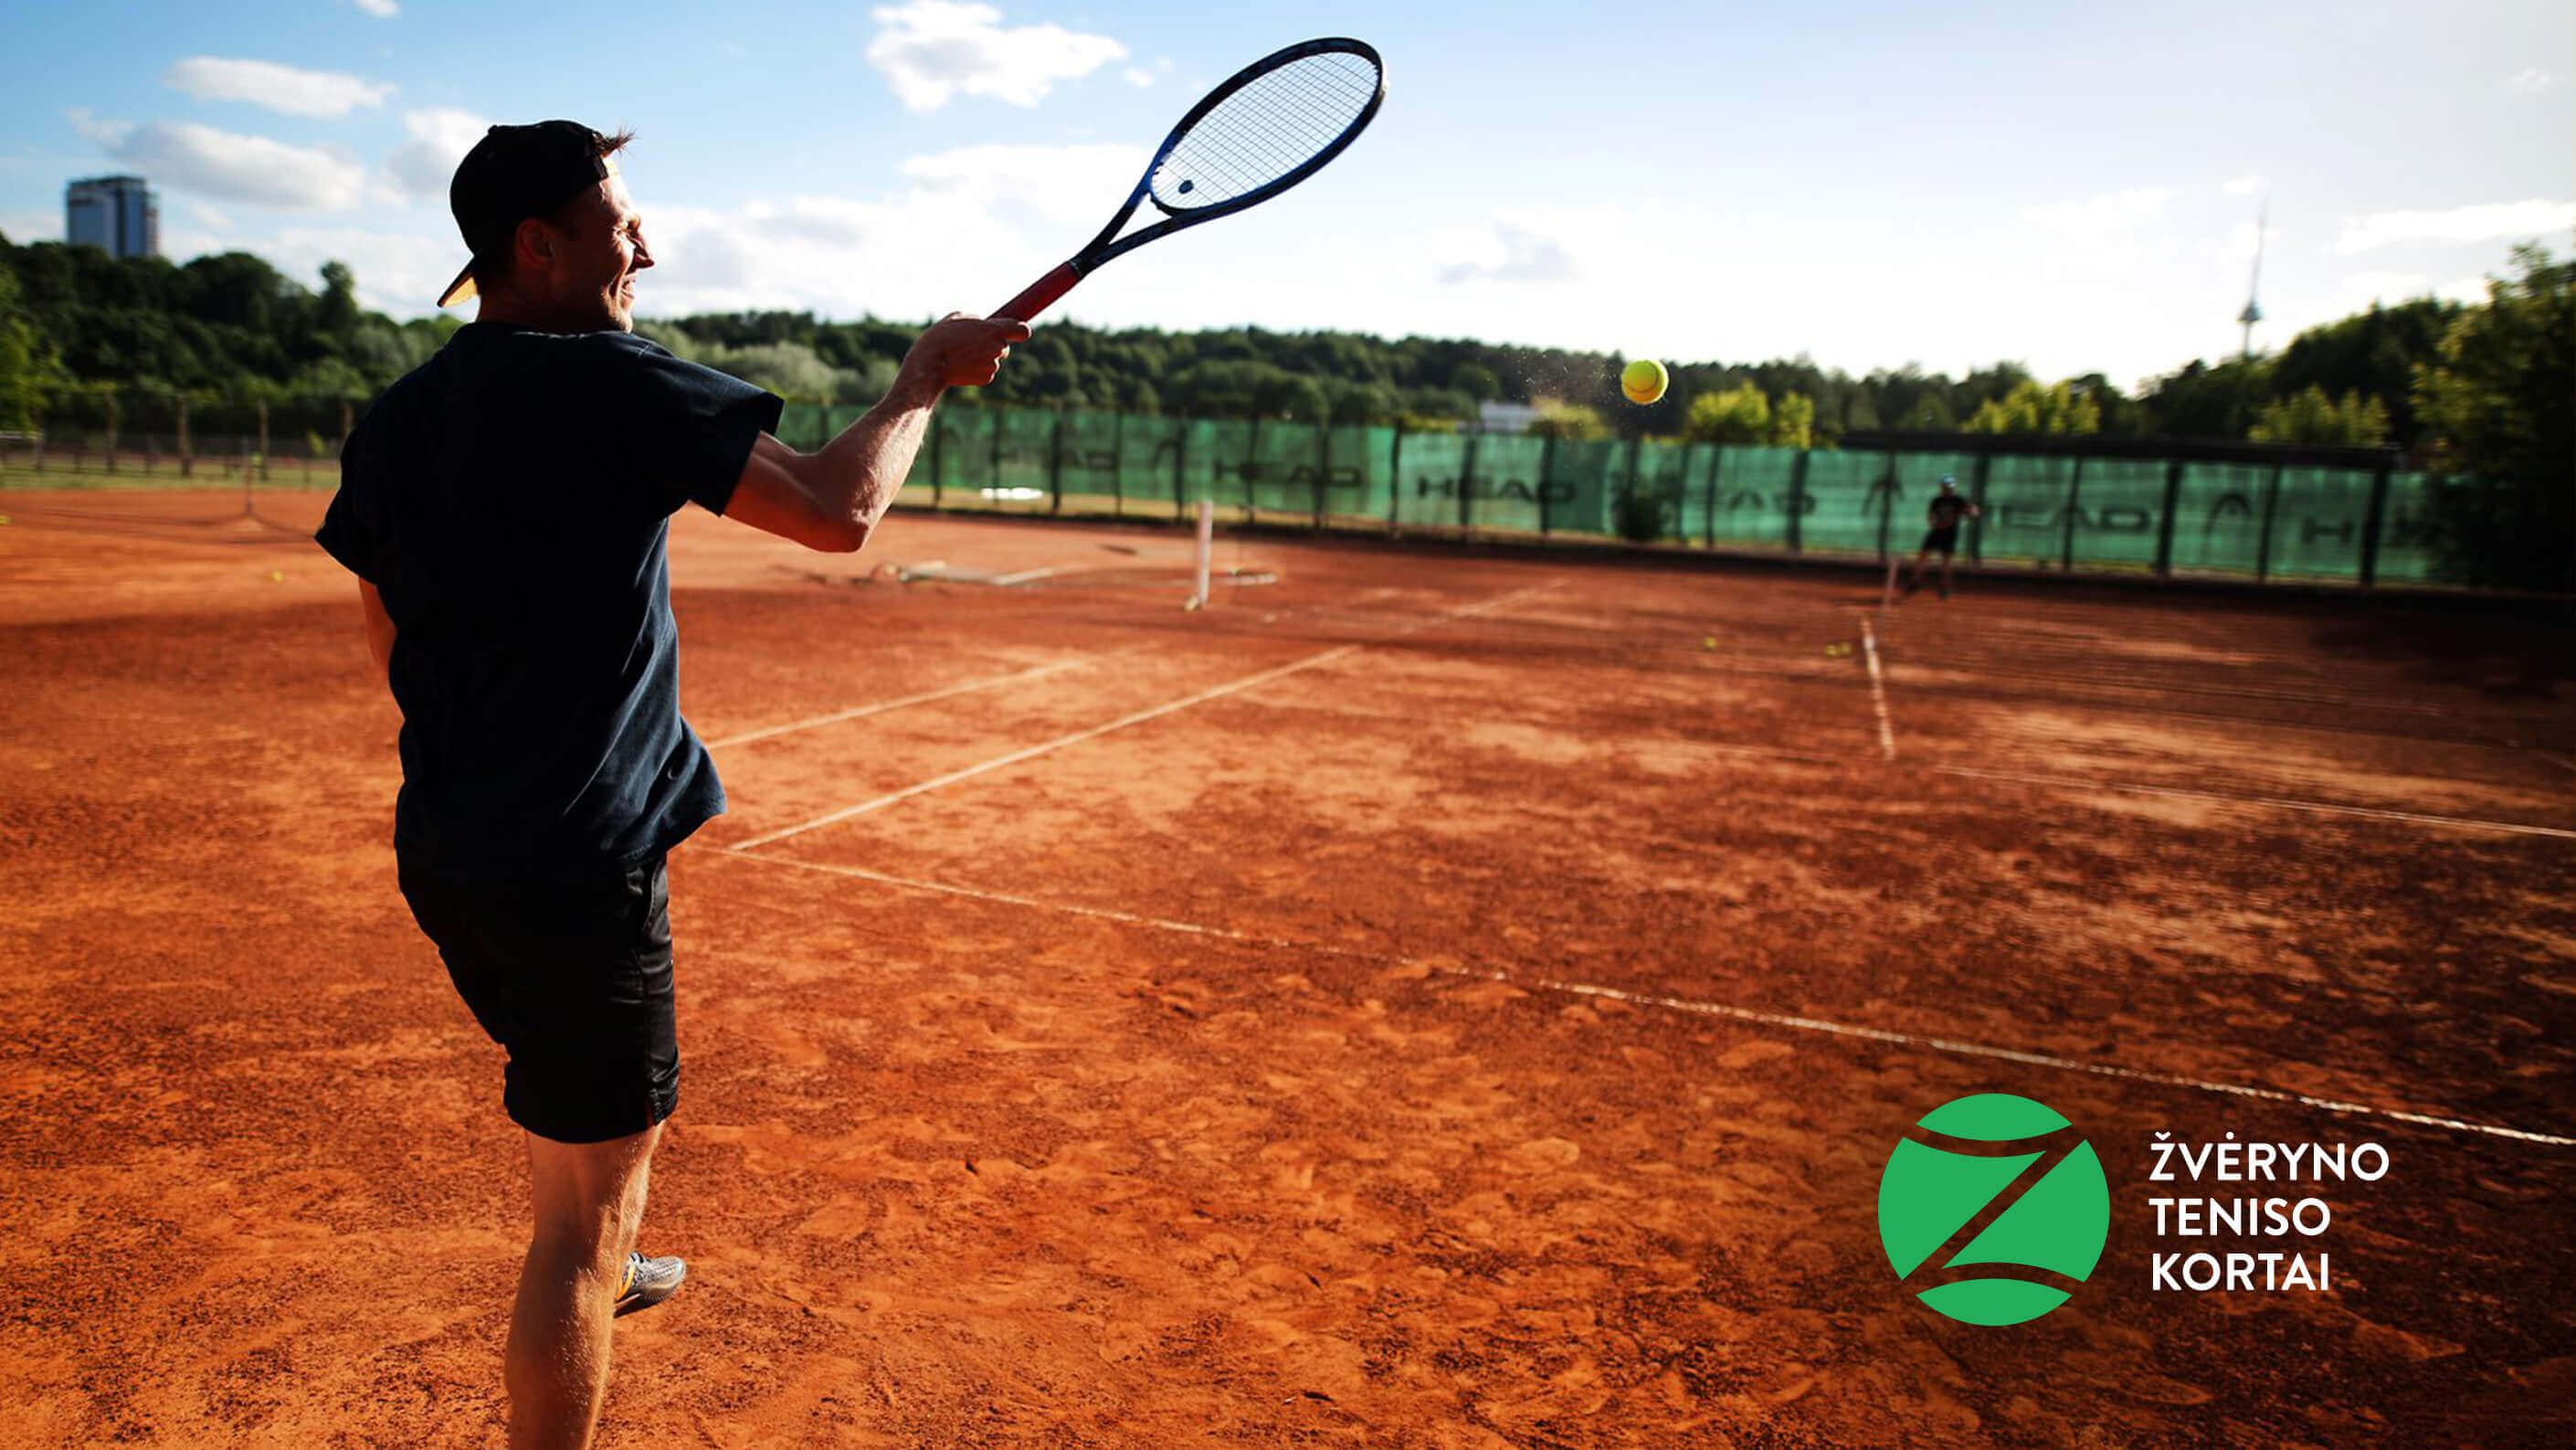 zveryno-teniso-kortai-w-hero-main-2820×1587